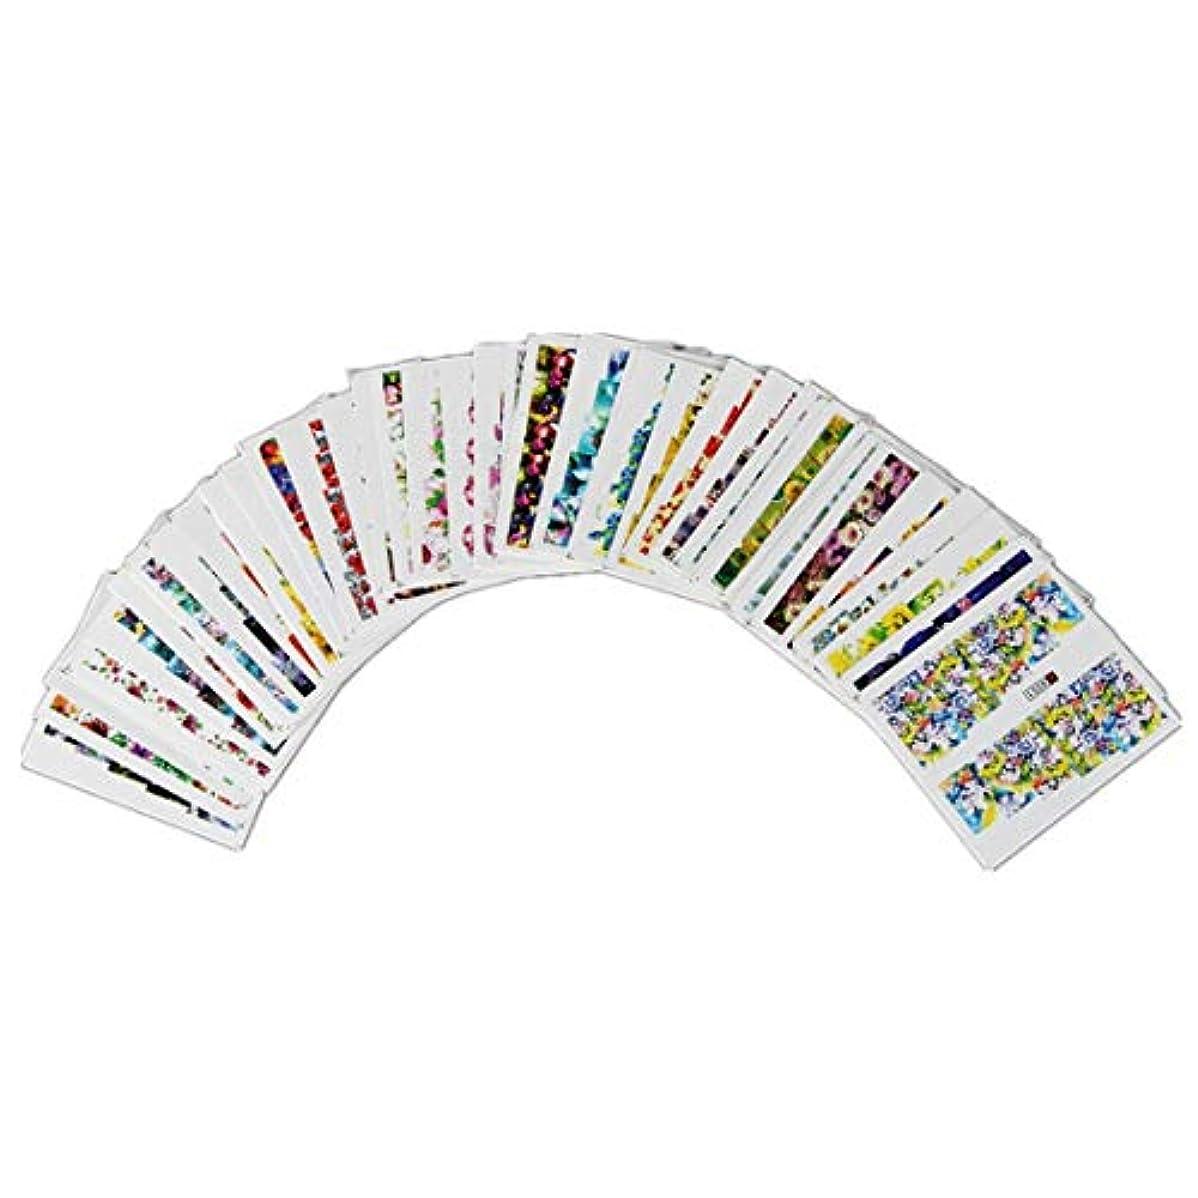 欠席シンプルななのでKerwinner 50枚ネイルステッカー盛り合わせパターン水転写花フラワーステッカーセット女性用爪の装飾ネイルデカールネイルアートアクセサリーマニキュアチャームヒント